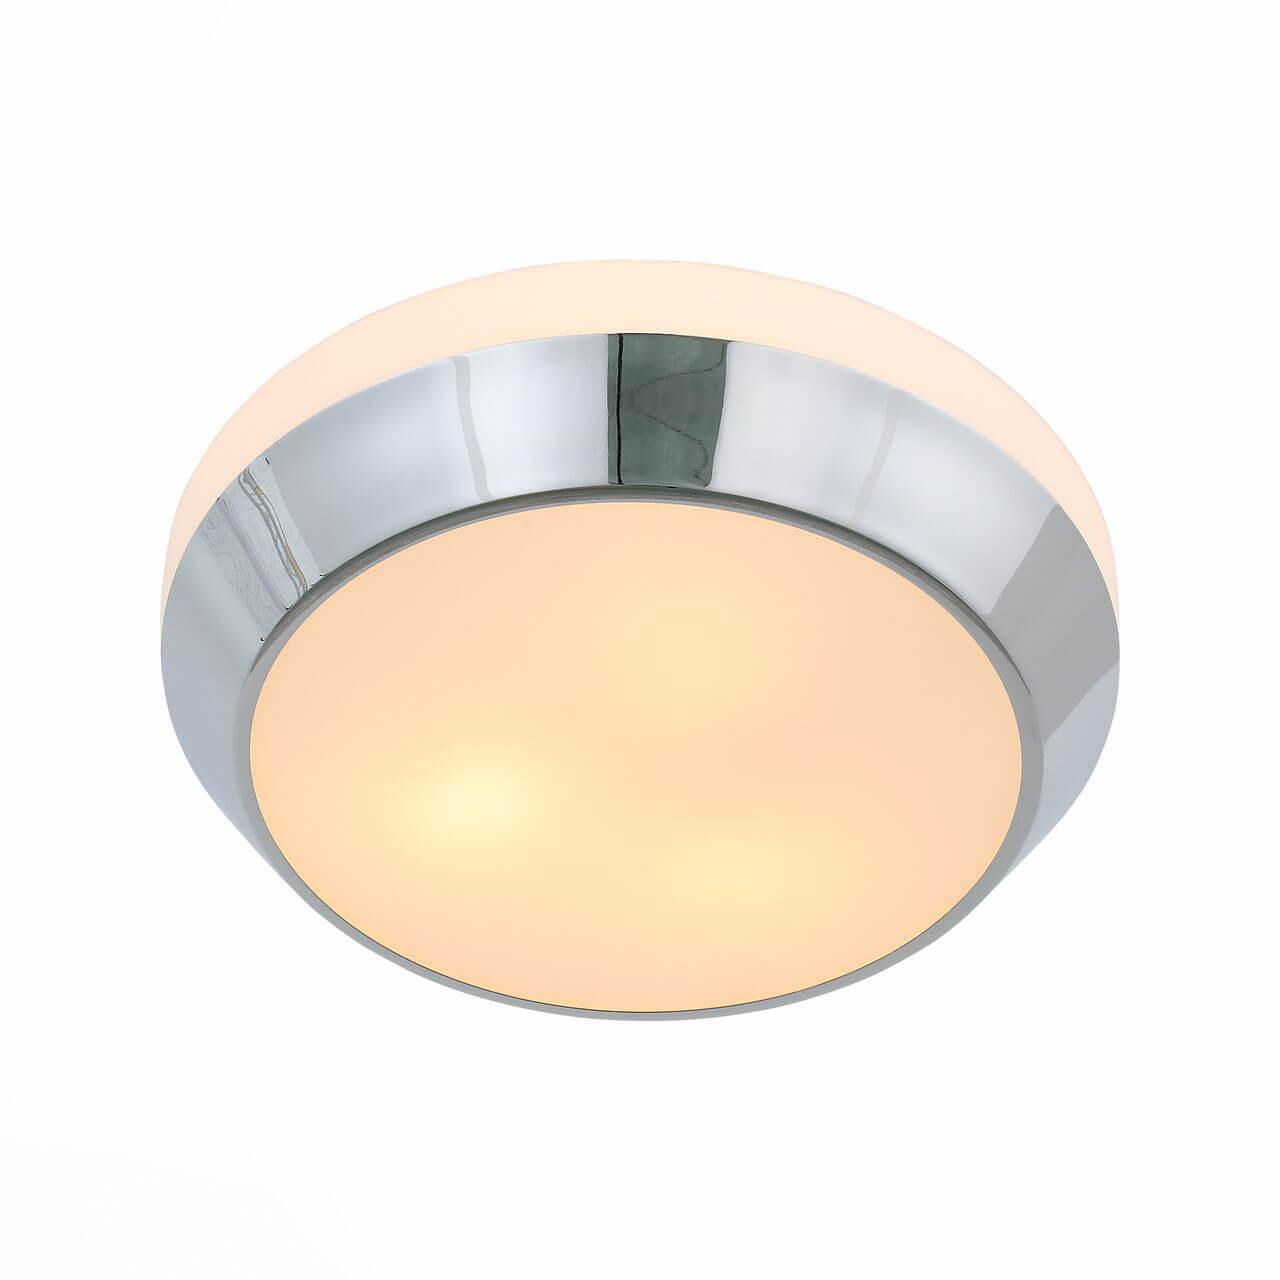 Потолочный светильник ST Luce Bagno SL469.502.02 st luce потолочный светильник st luce bagno sl496 502 03